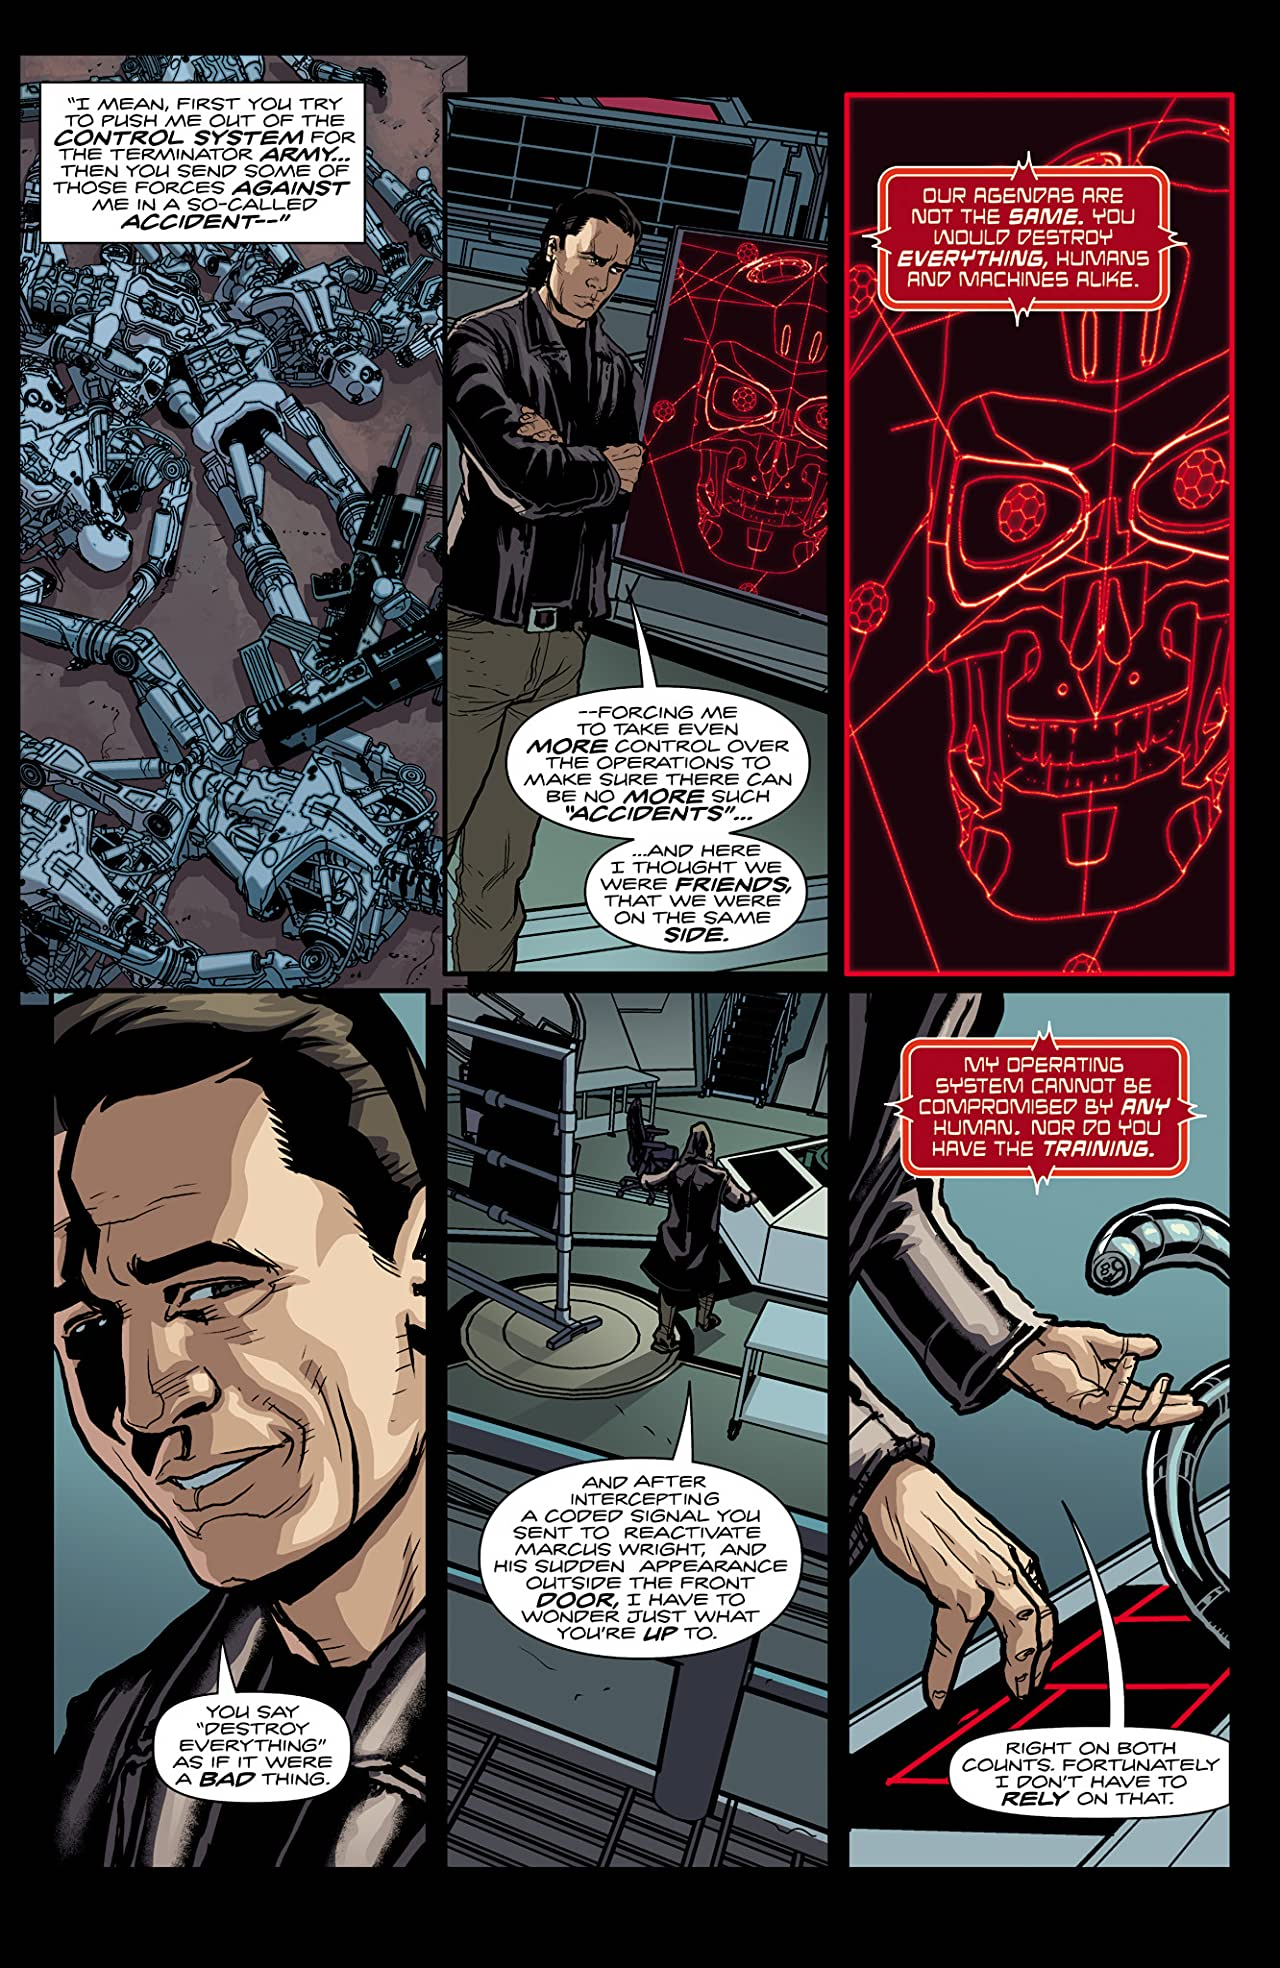 Terminator Salvation: The Final Battle #8